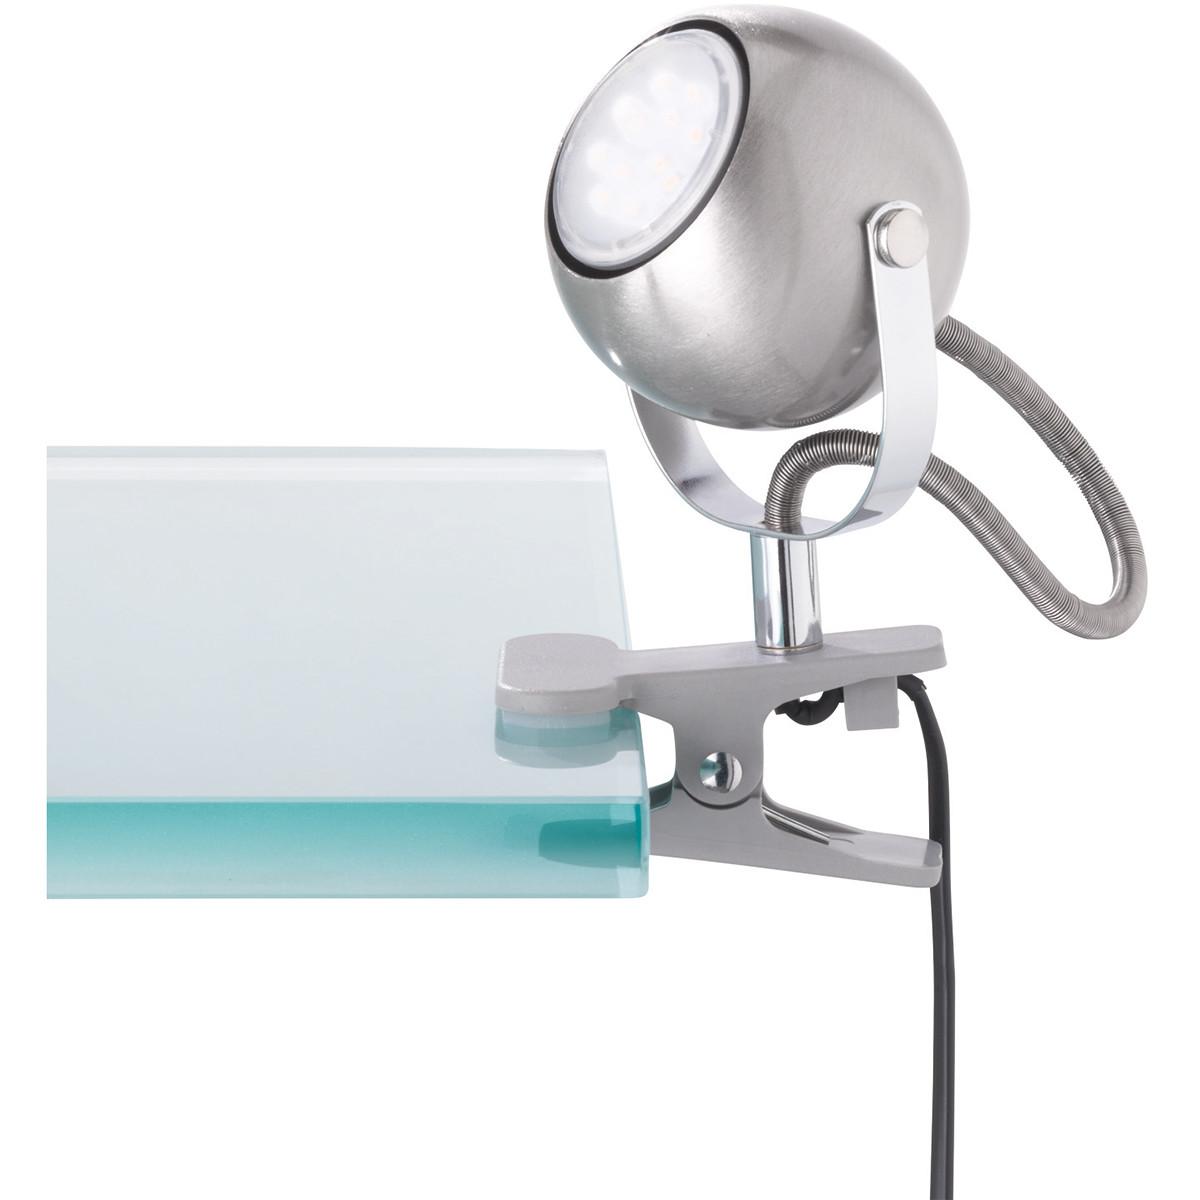 LED Klemlamp - Trion Bosty - GU10 Fitting - Mat Nikkel - Aluminium